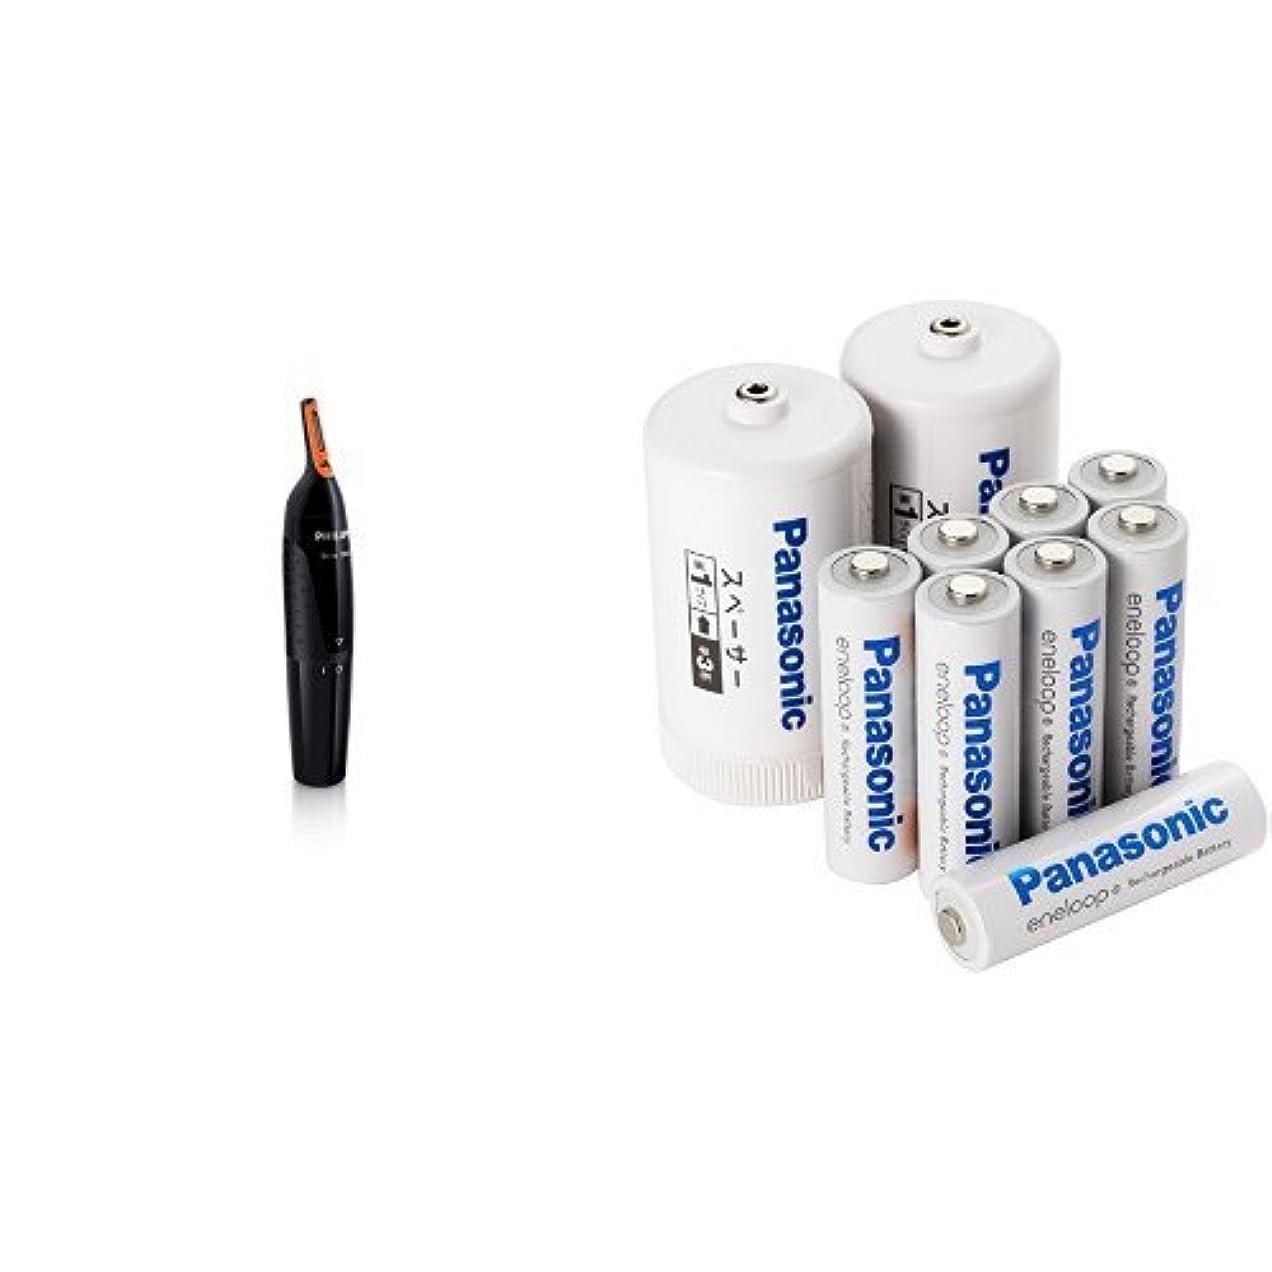 狂った鉄噴火フィリップス 鼻毛/耳毛カッター 本体丸洗い可 NT1152/10 + eneloop 単3形充電池 8本パック BK-3MCC/8FA セット